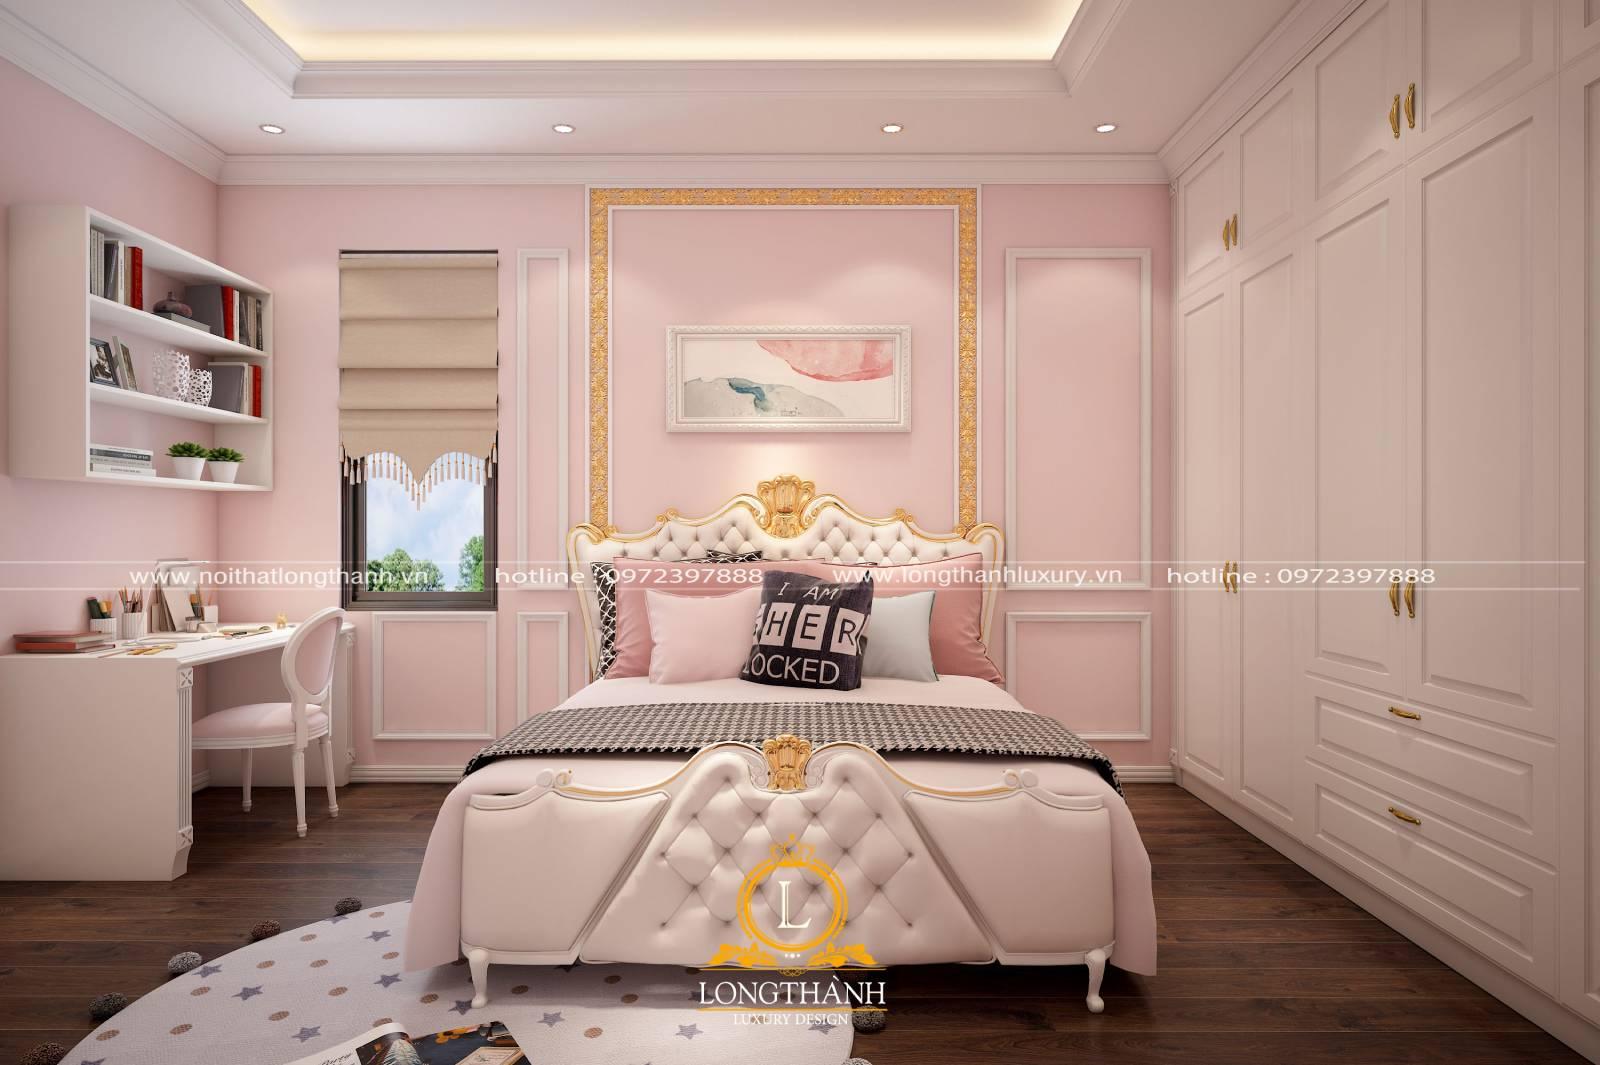 Phòng ngủ tân cổ điển đẹp màu trắng hồng dành cho các bé gái